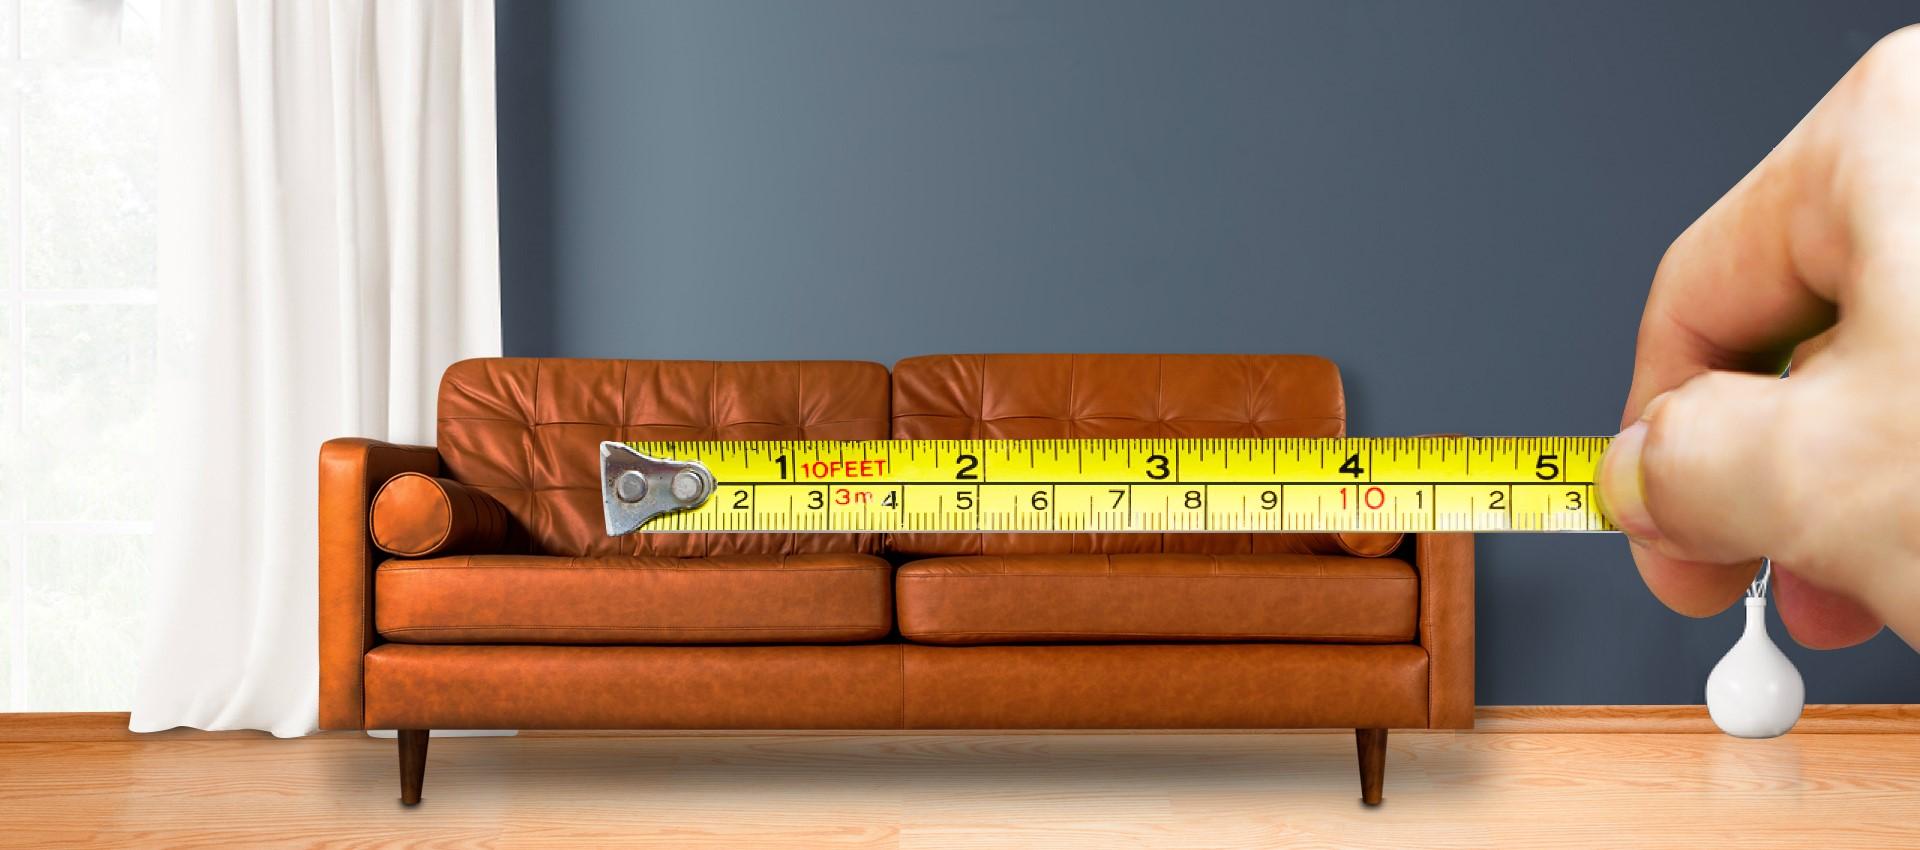 Resultado de imagen para medir muebles